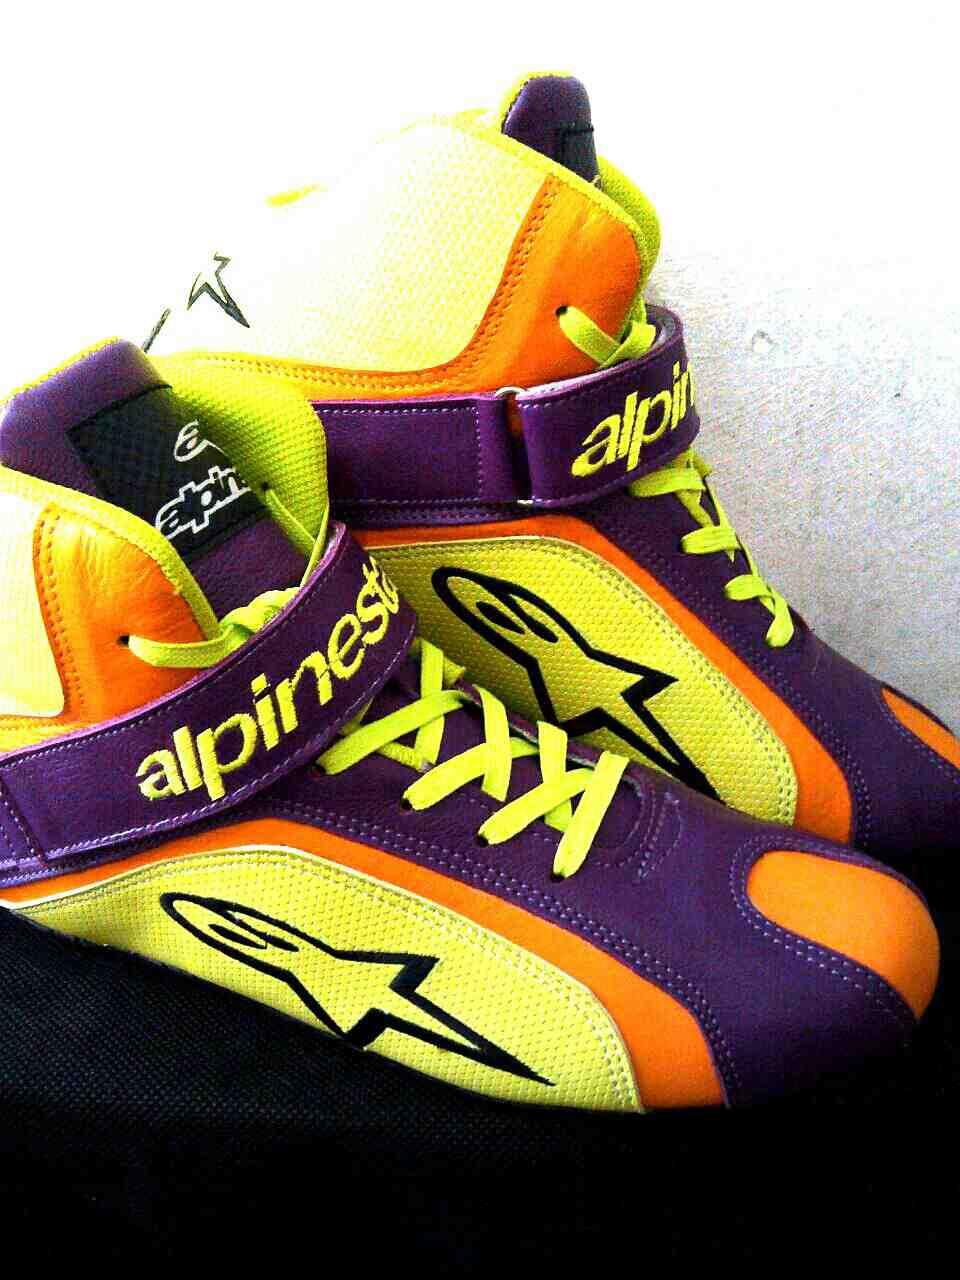 Foto: Jual Sepatu Balap Sparco